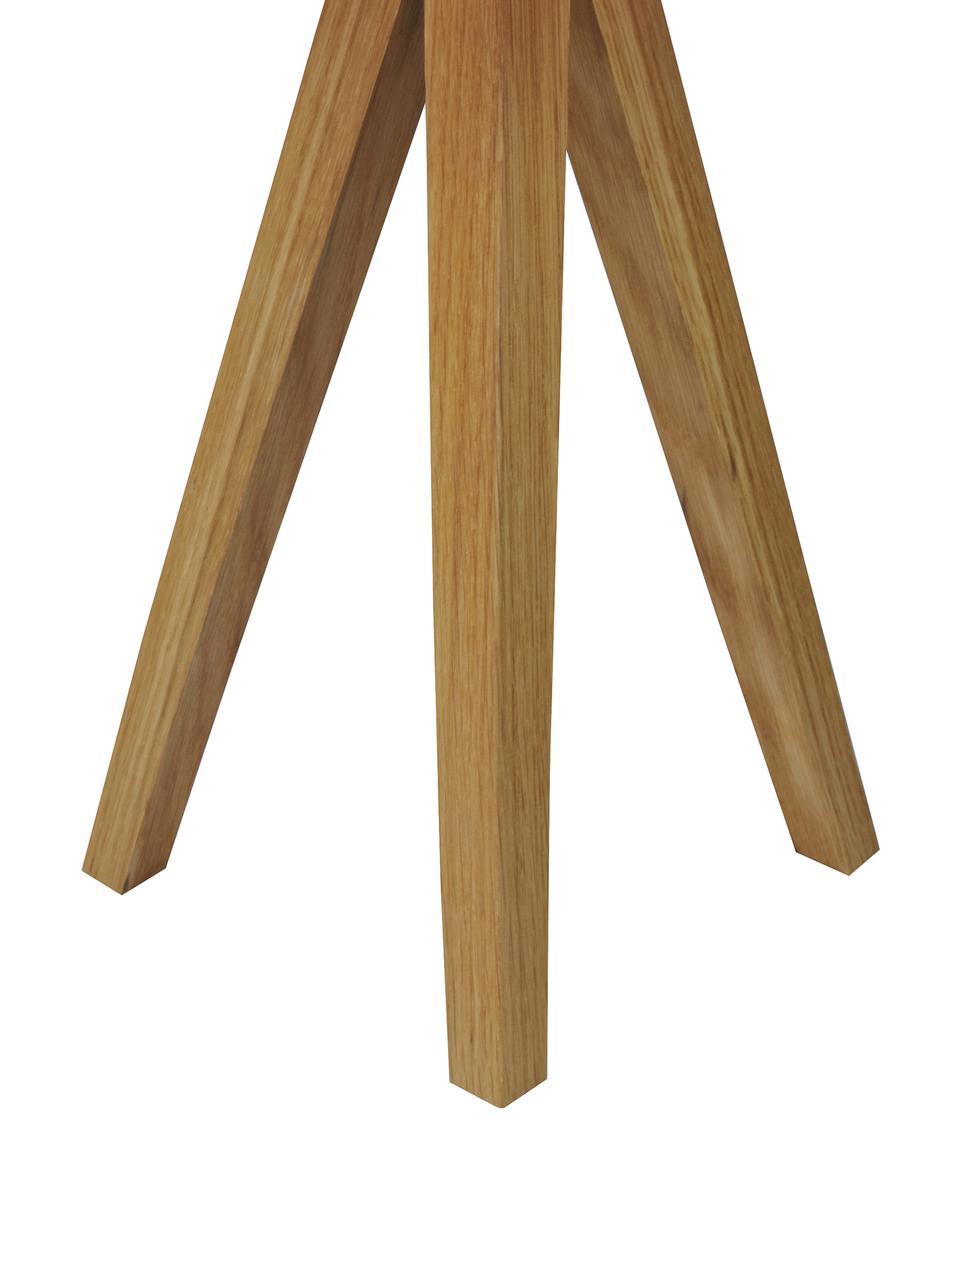 Tischlampe Kullen aus Eichenholz, Lampenfuß: Eichenholz, Lampenschirm: Polyester, Lampenfuß: Eichenholz Lampenschirm: Weiß, Ø 23 x H 44 cm